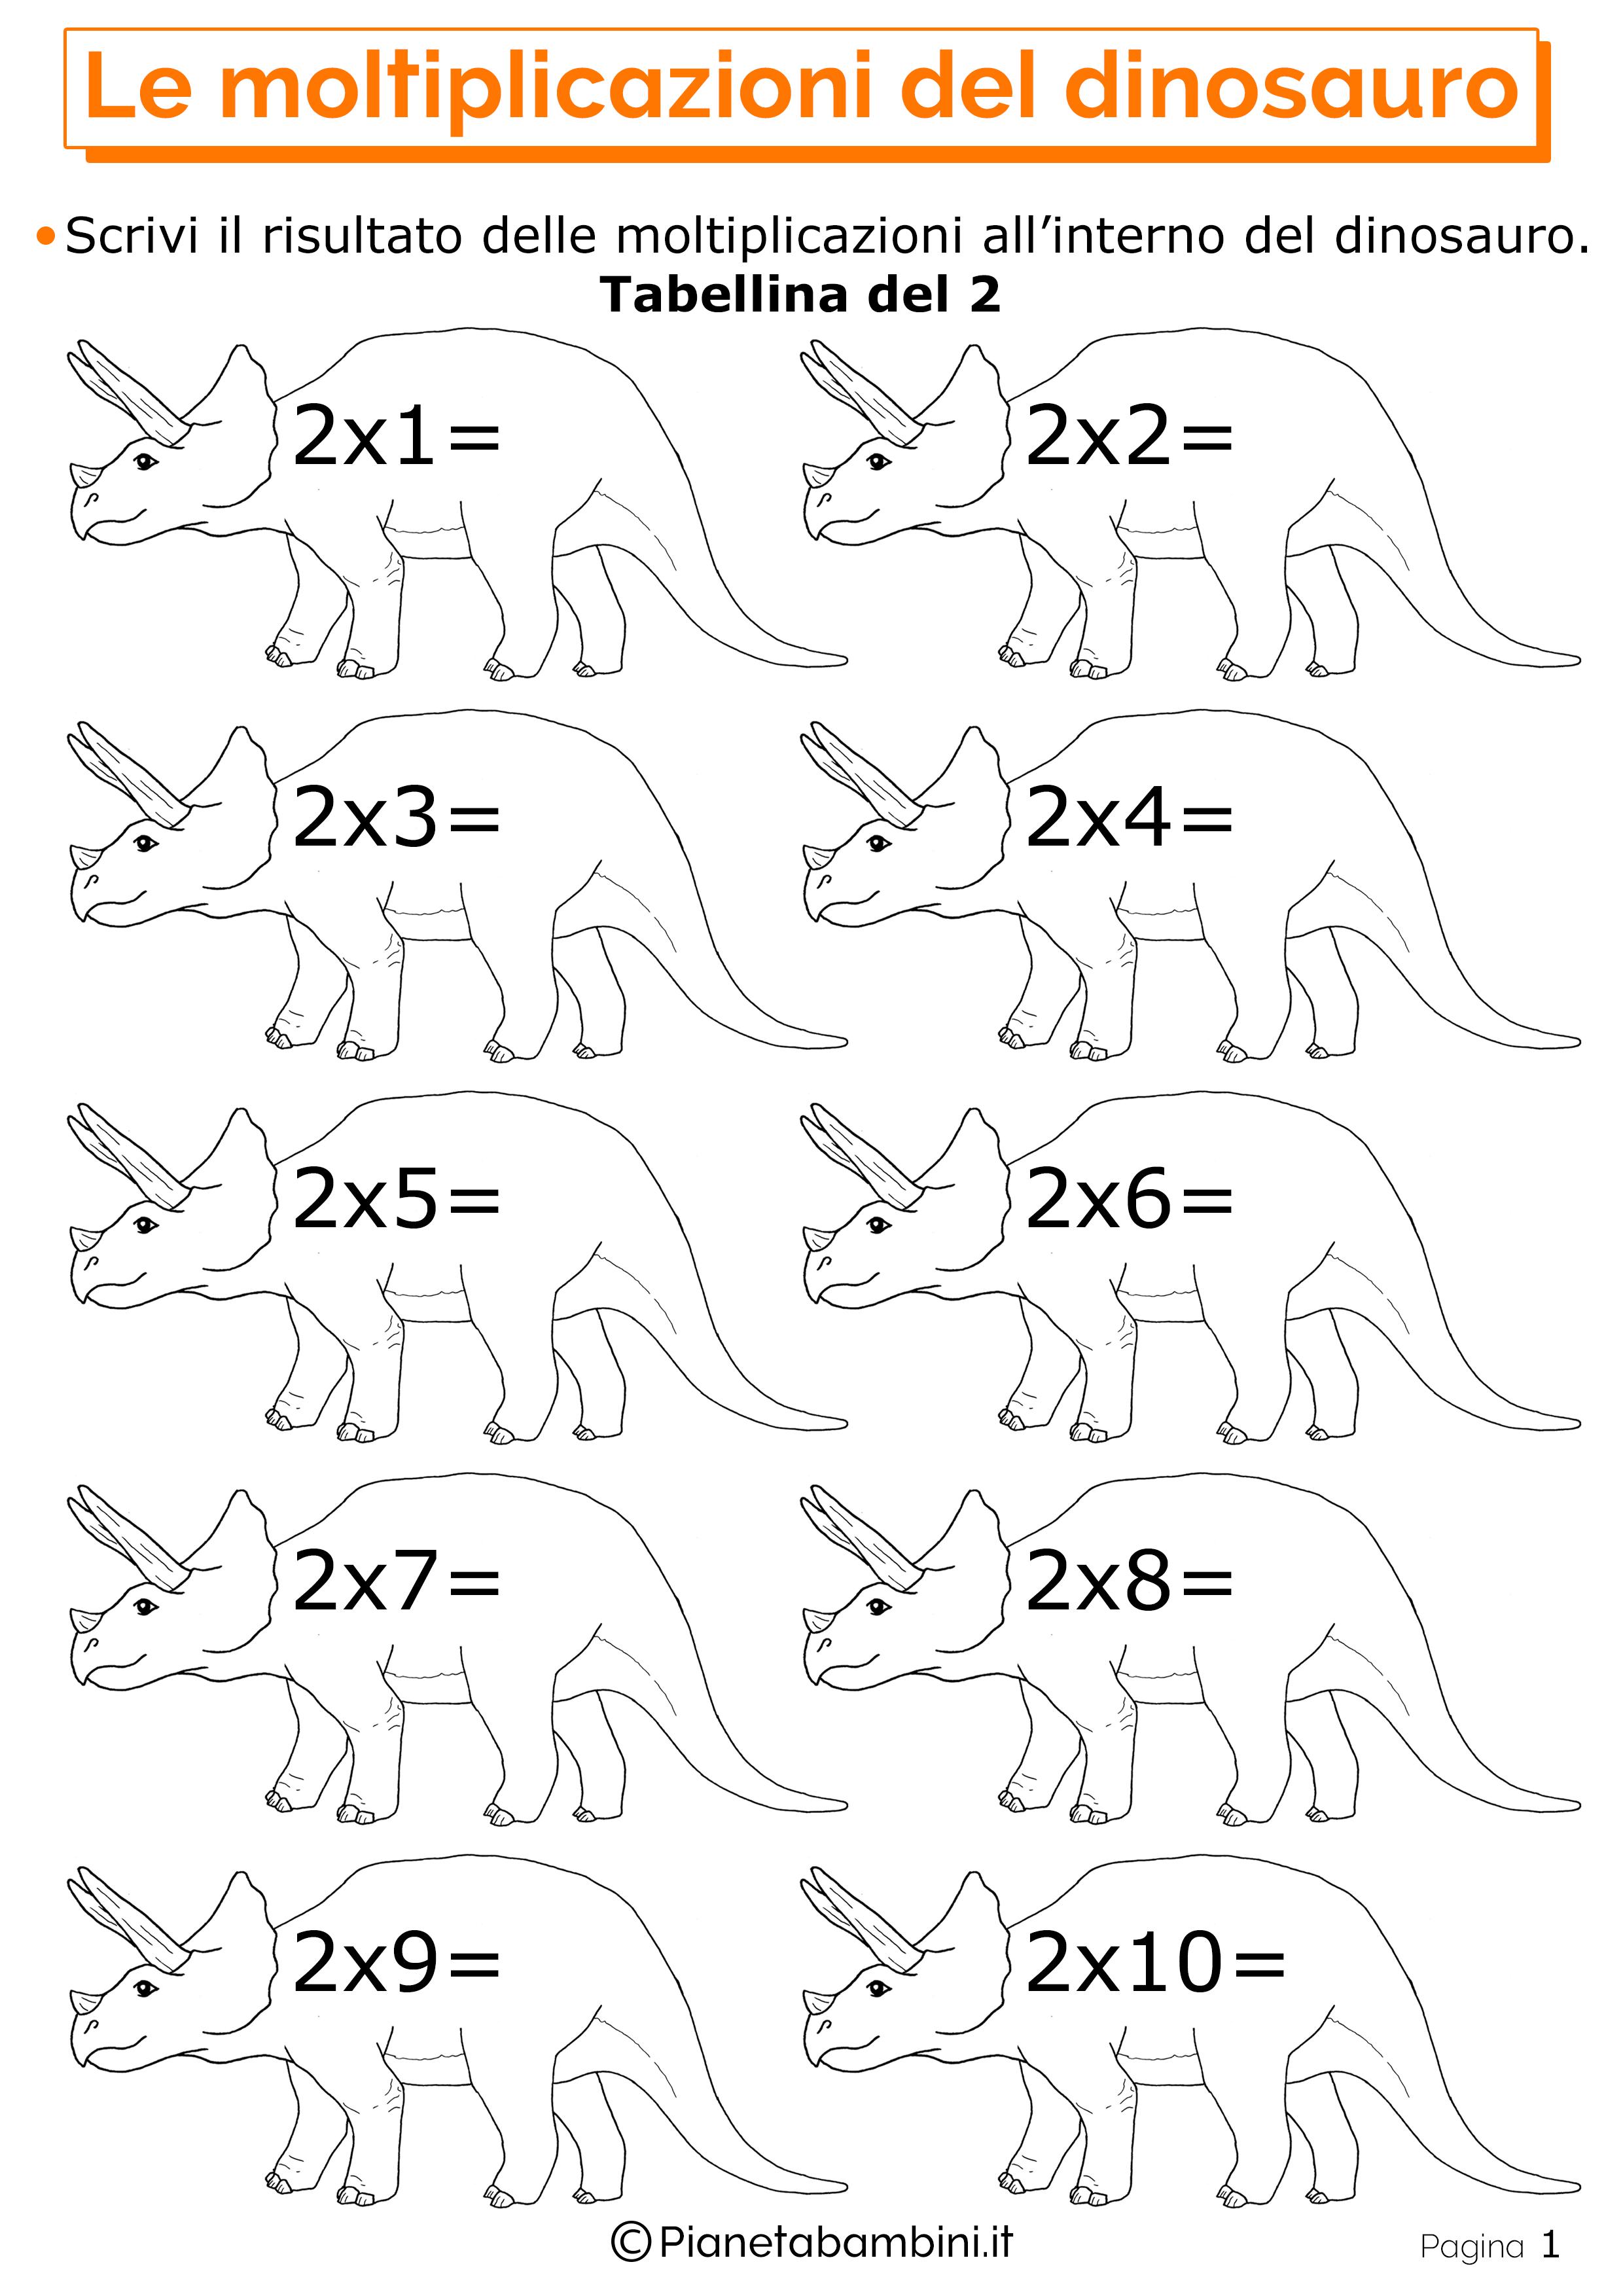 Moltiplicazioni-Dinosauro_1